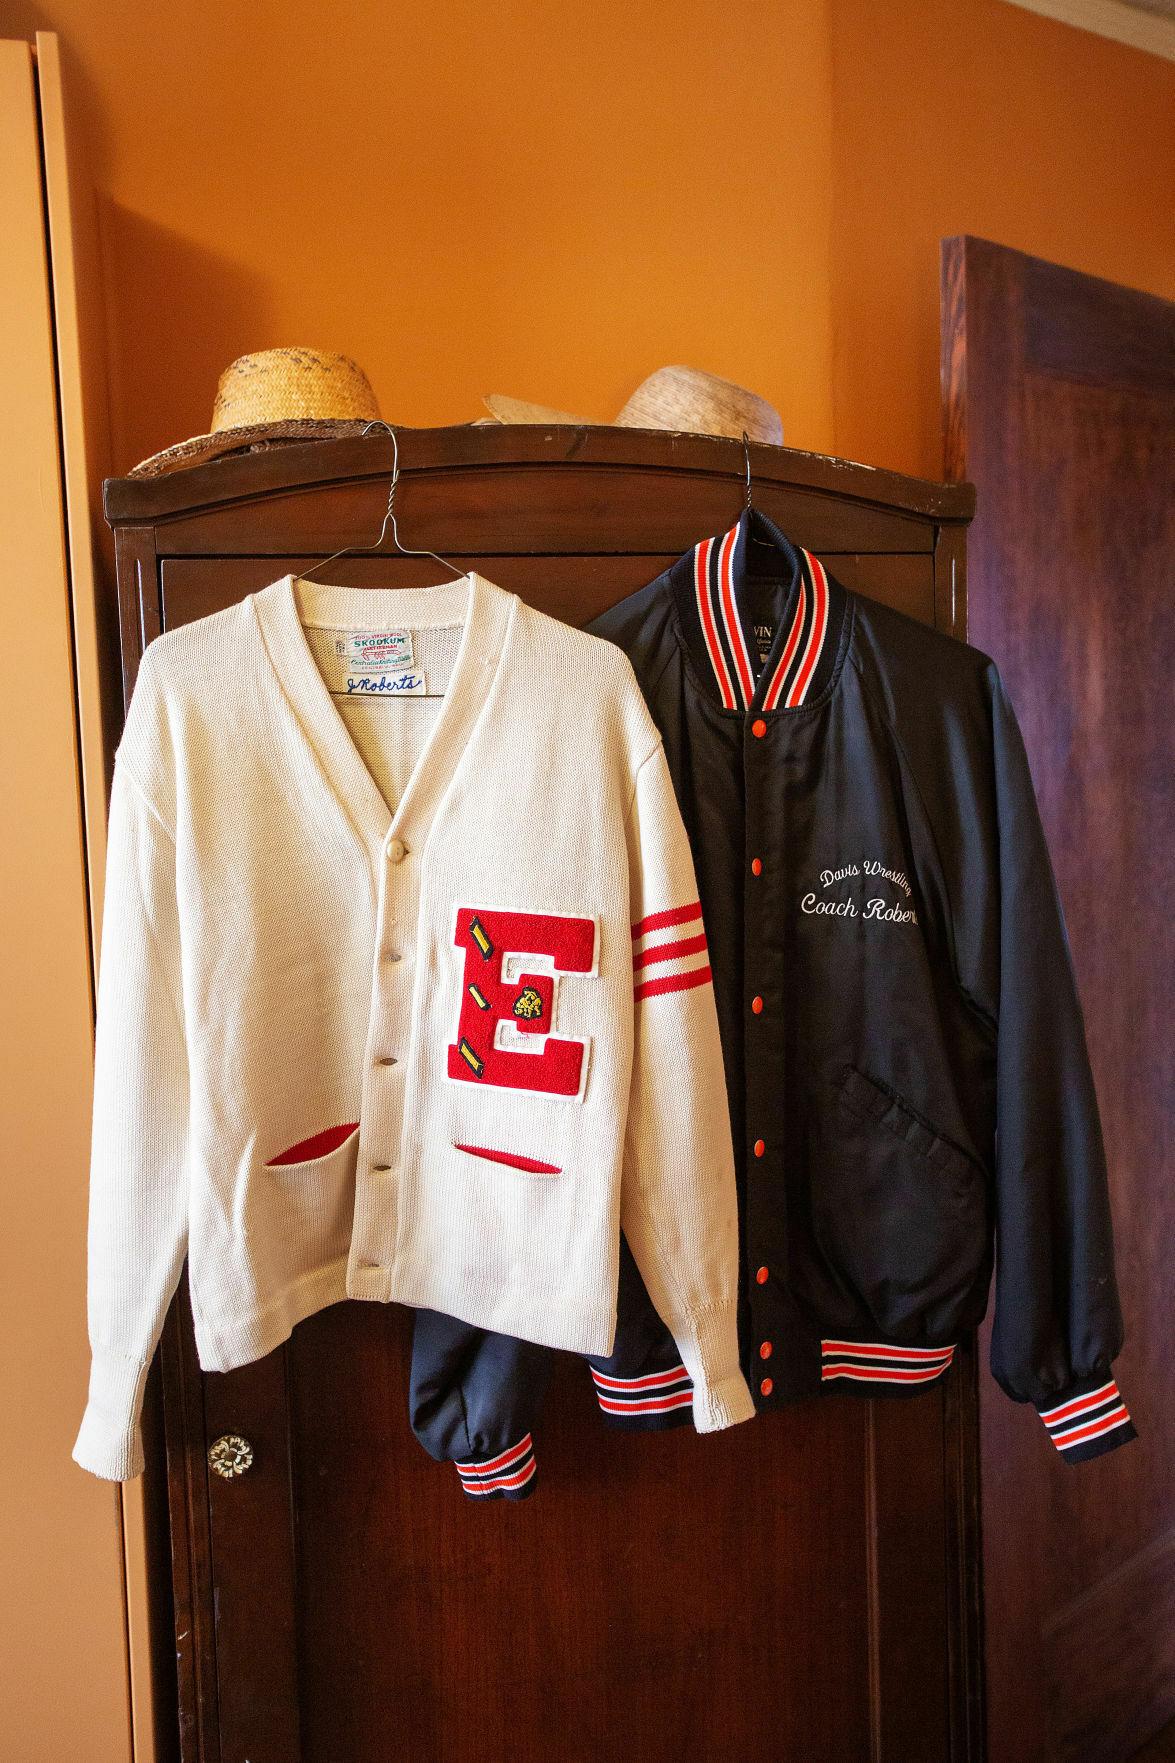 Jack Roberts coaching jackets